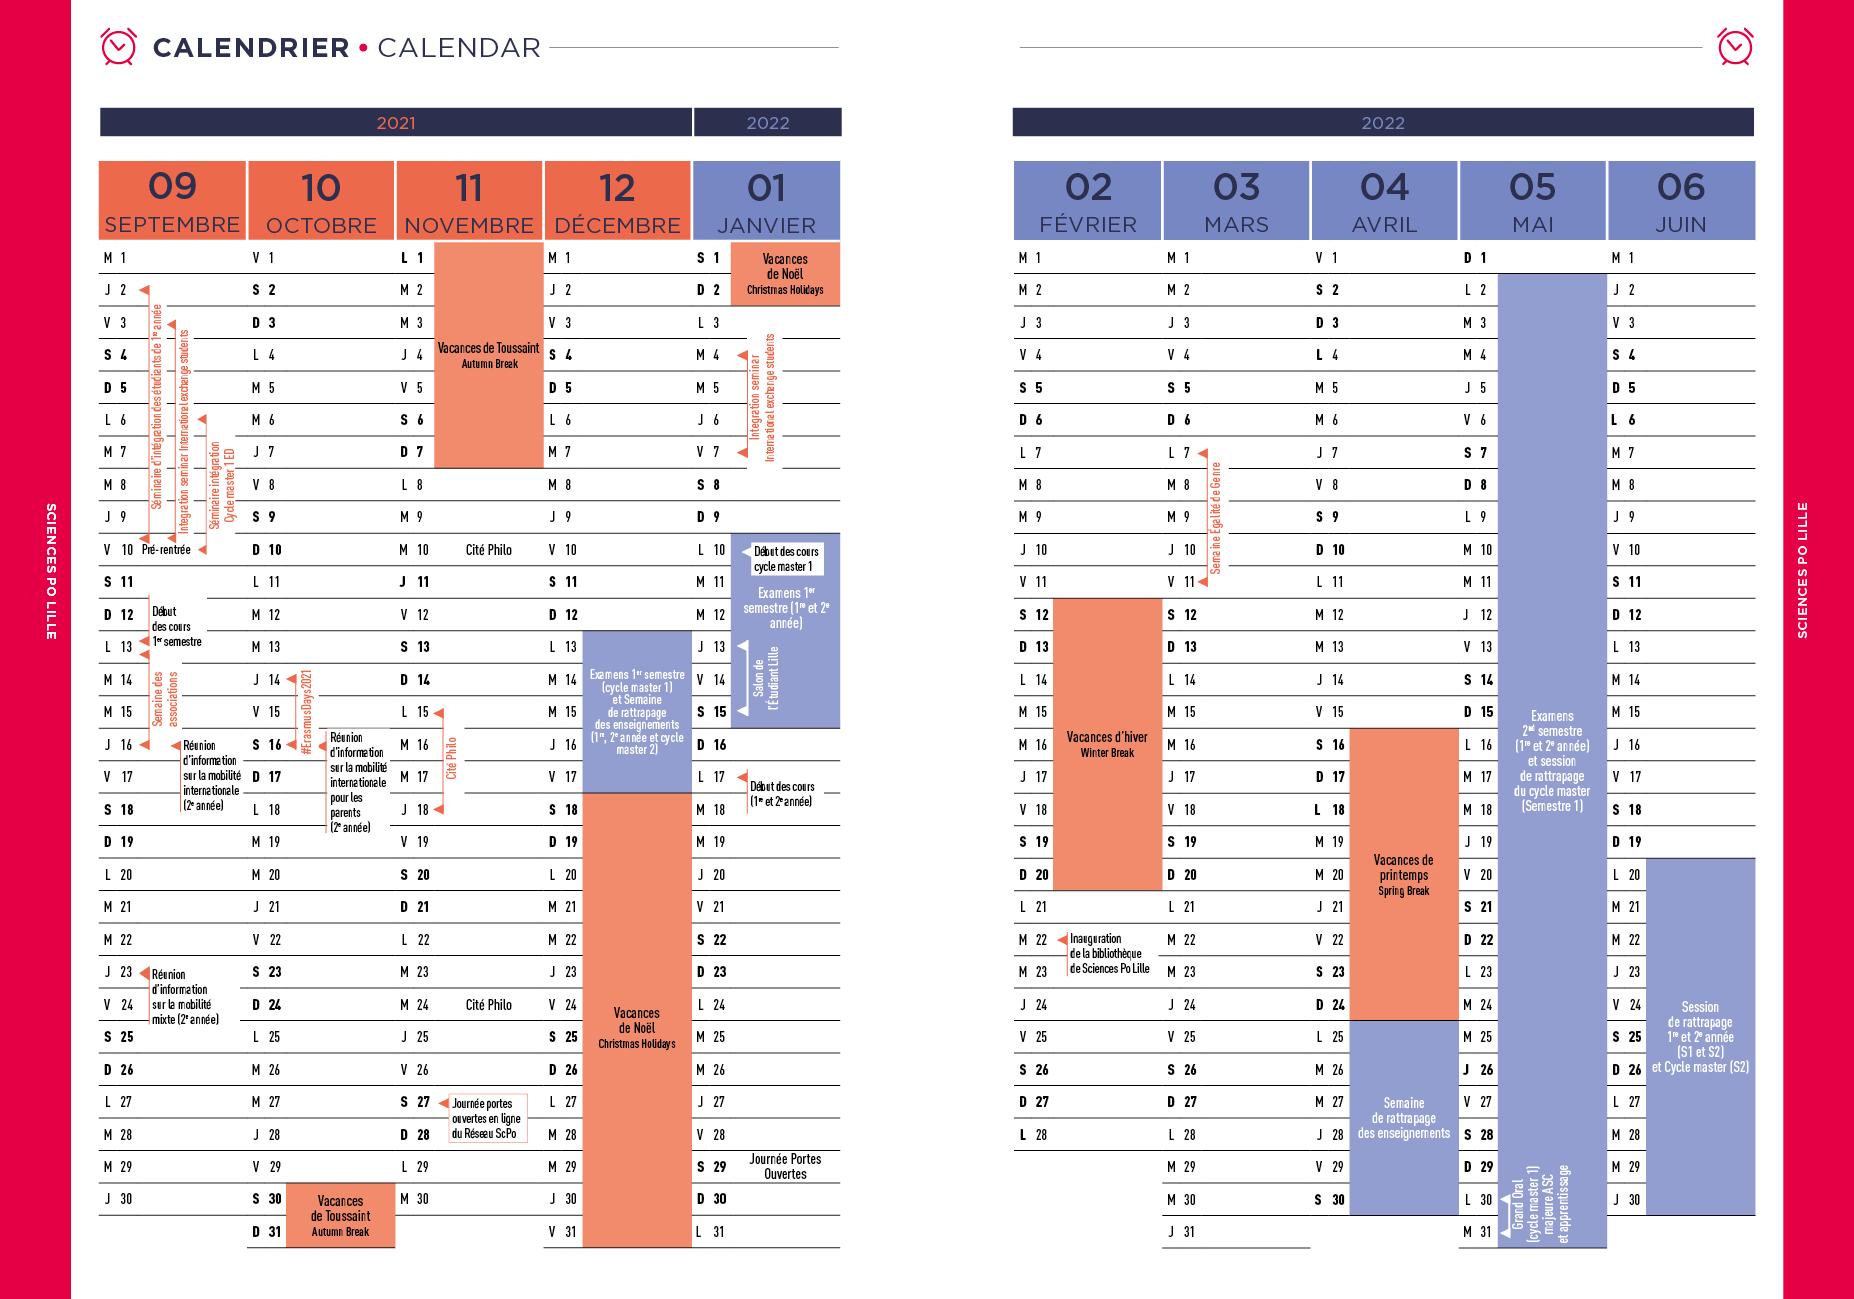 Lille 3 Calendrier 2022 Calendrier universitaire 2021 2022   Sciences Po Lille